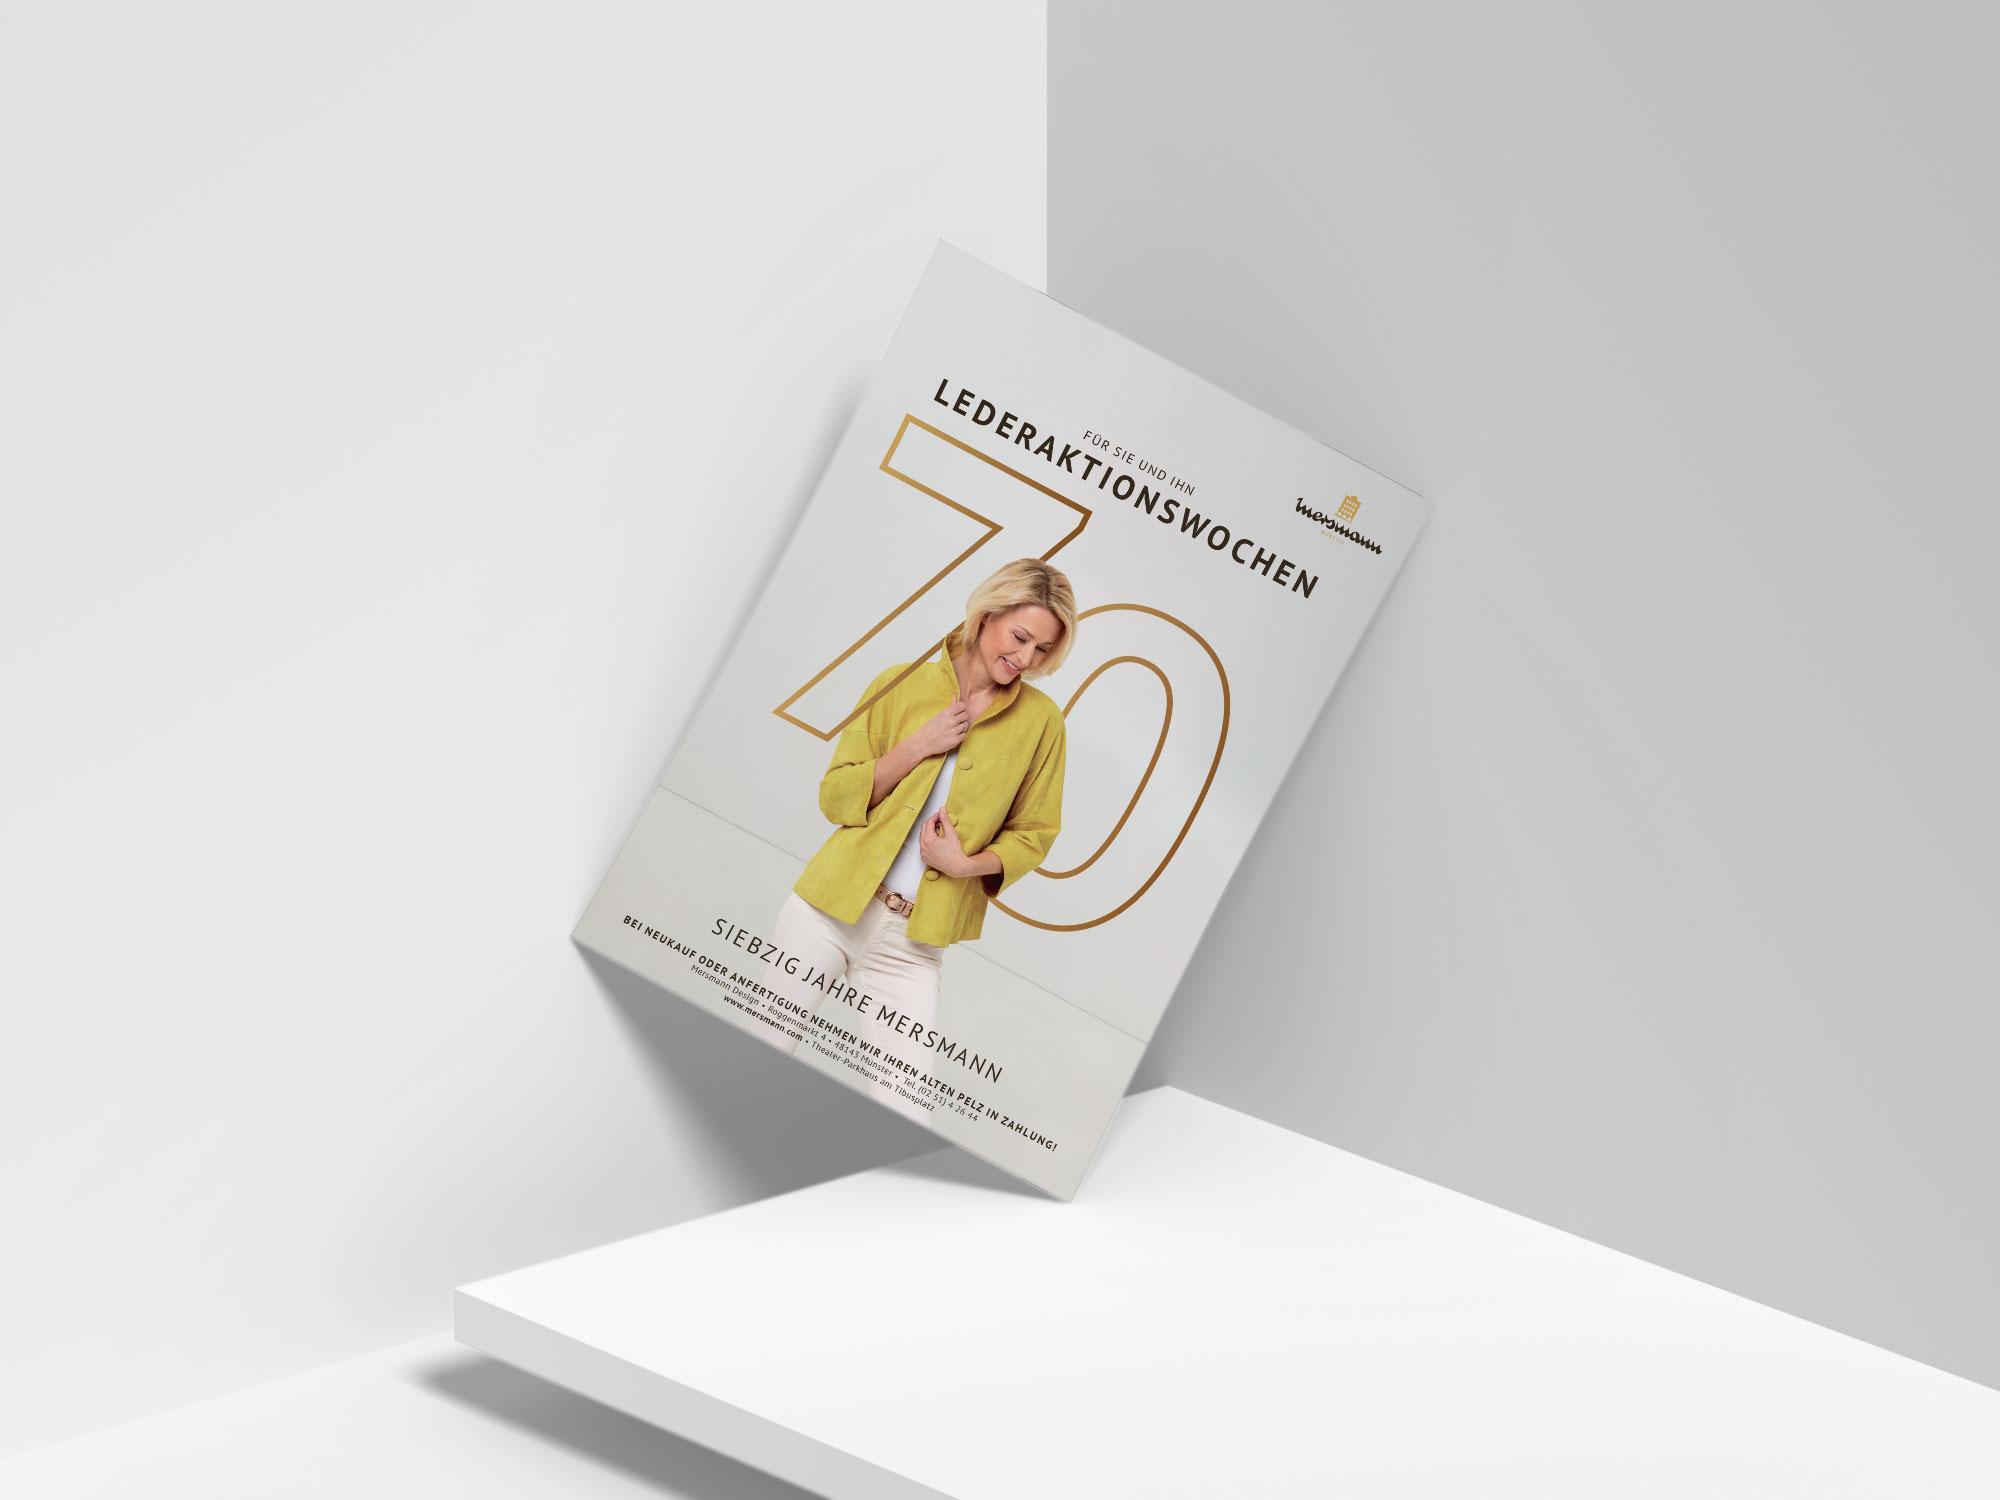 Printmedien zum Jubiläum von Mersmann made by Onelio Werbeagentur Düsseldorf